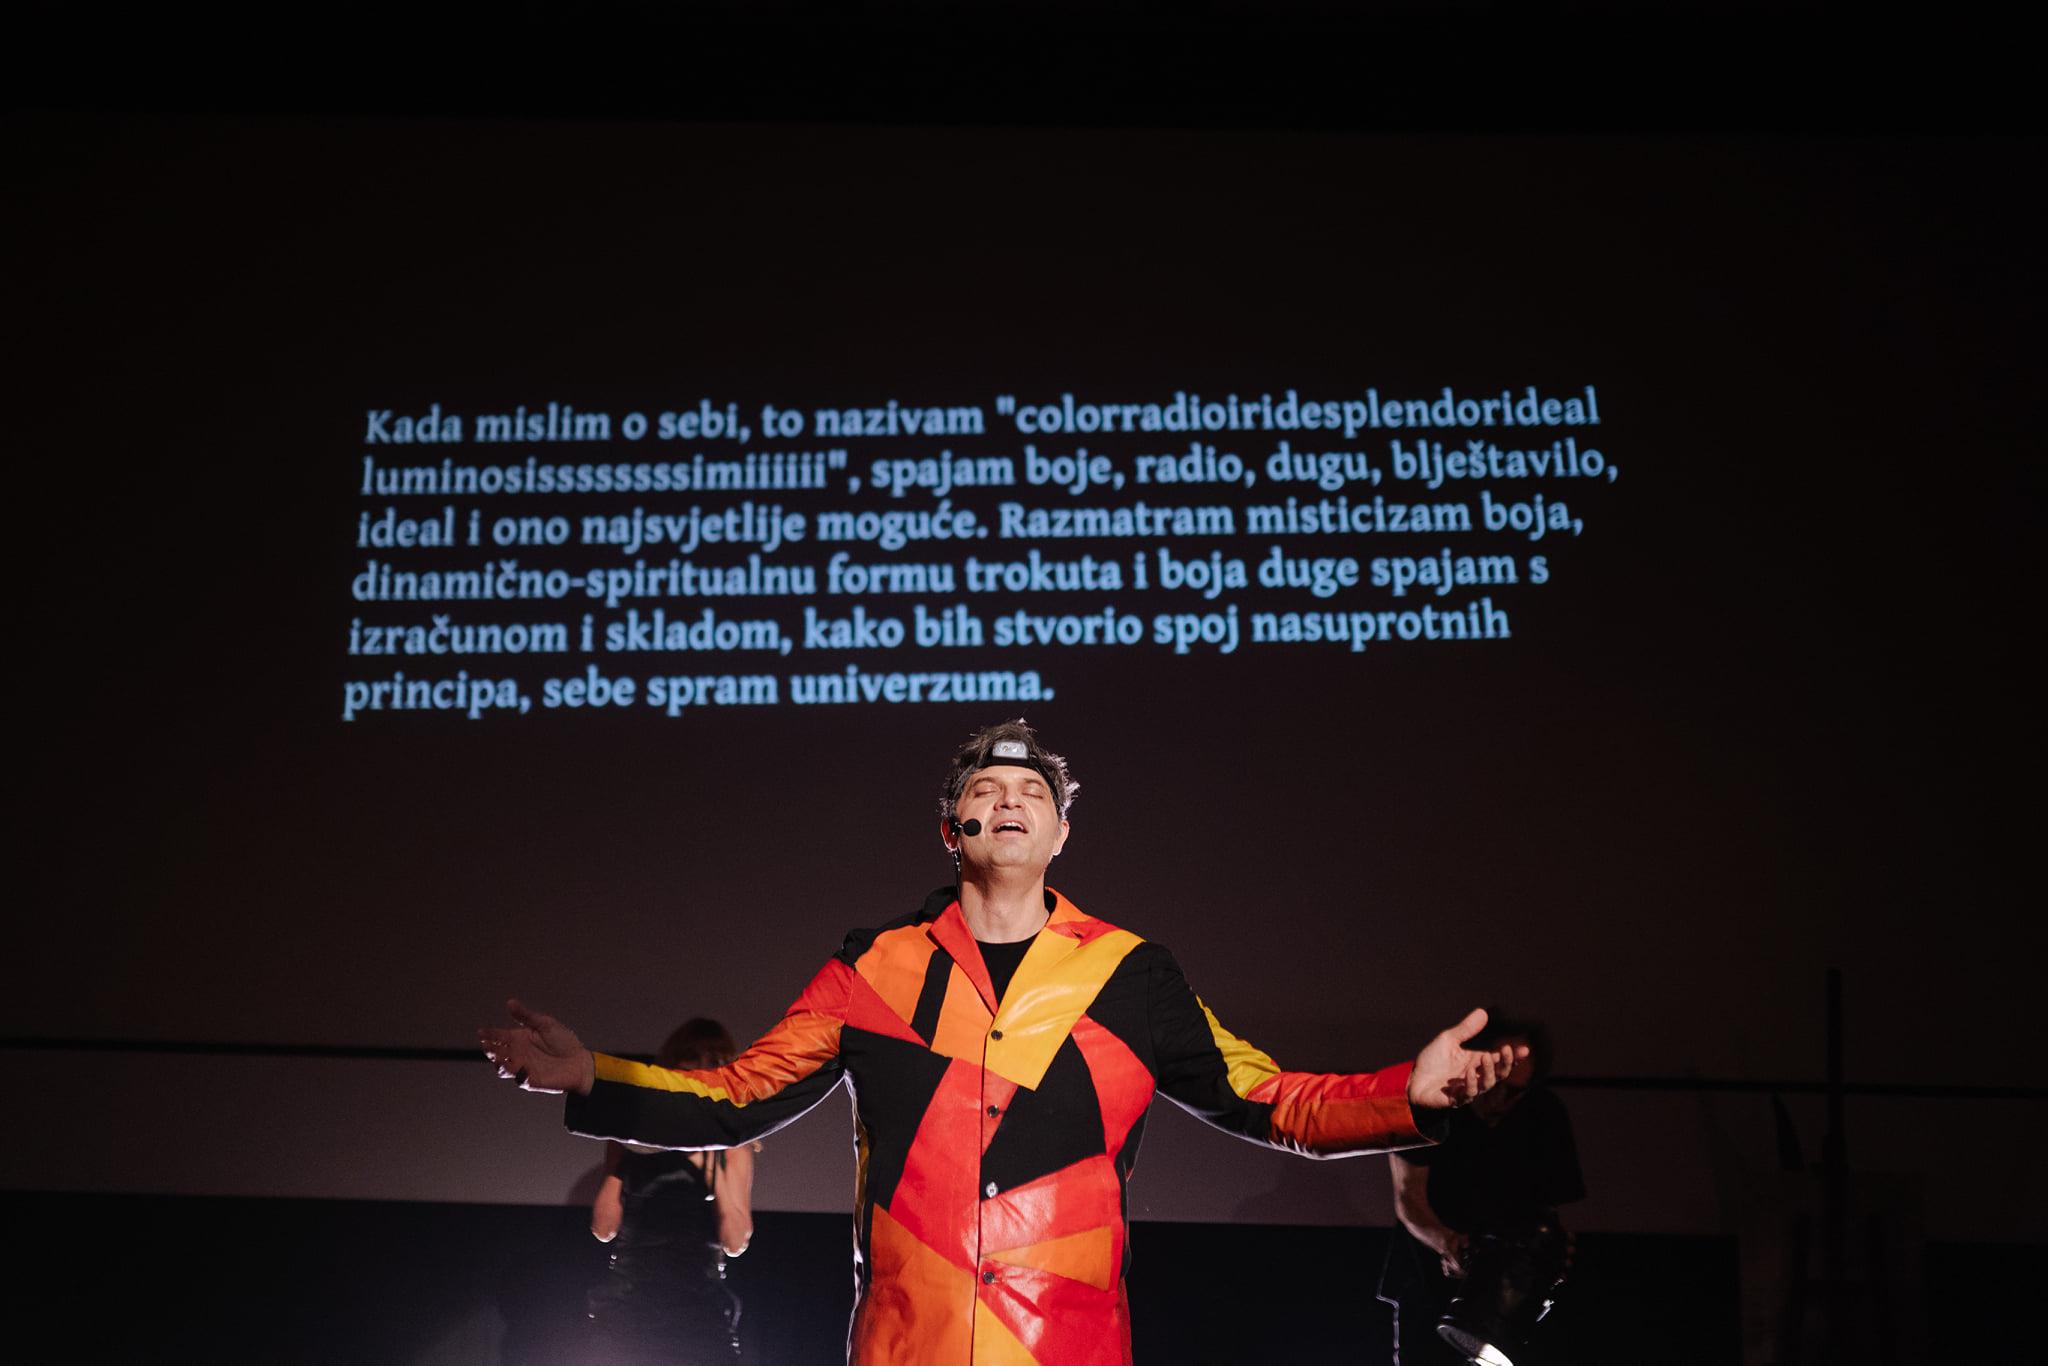 Foto Vladimir Mudrovčić